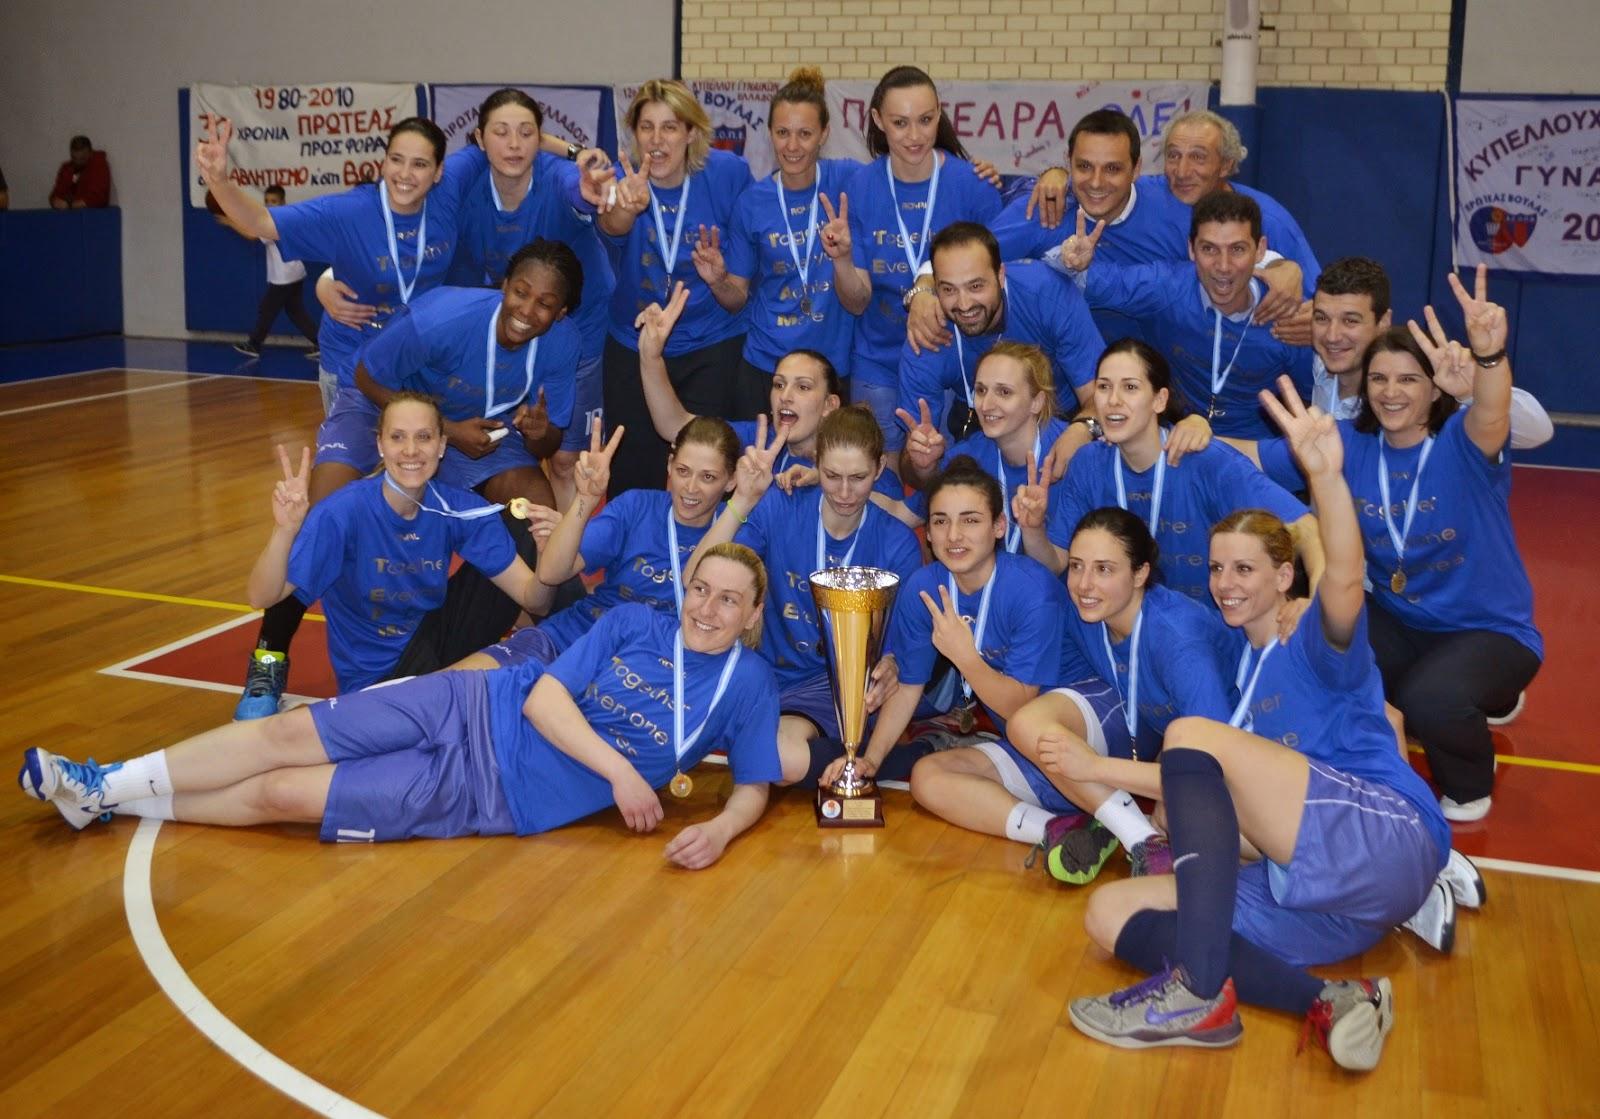 Η ΑΕΣ Ελληνικού έγινε η 3η ομάδα της ΕΣΚΑΝΑ που κατακτά τον  τίτλο του πρωταθλητή Ελλάδας